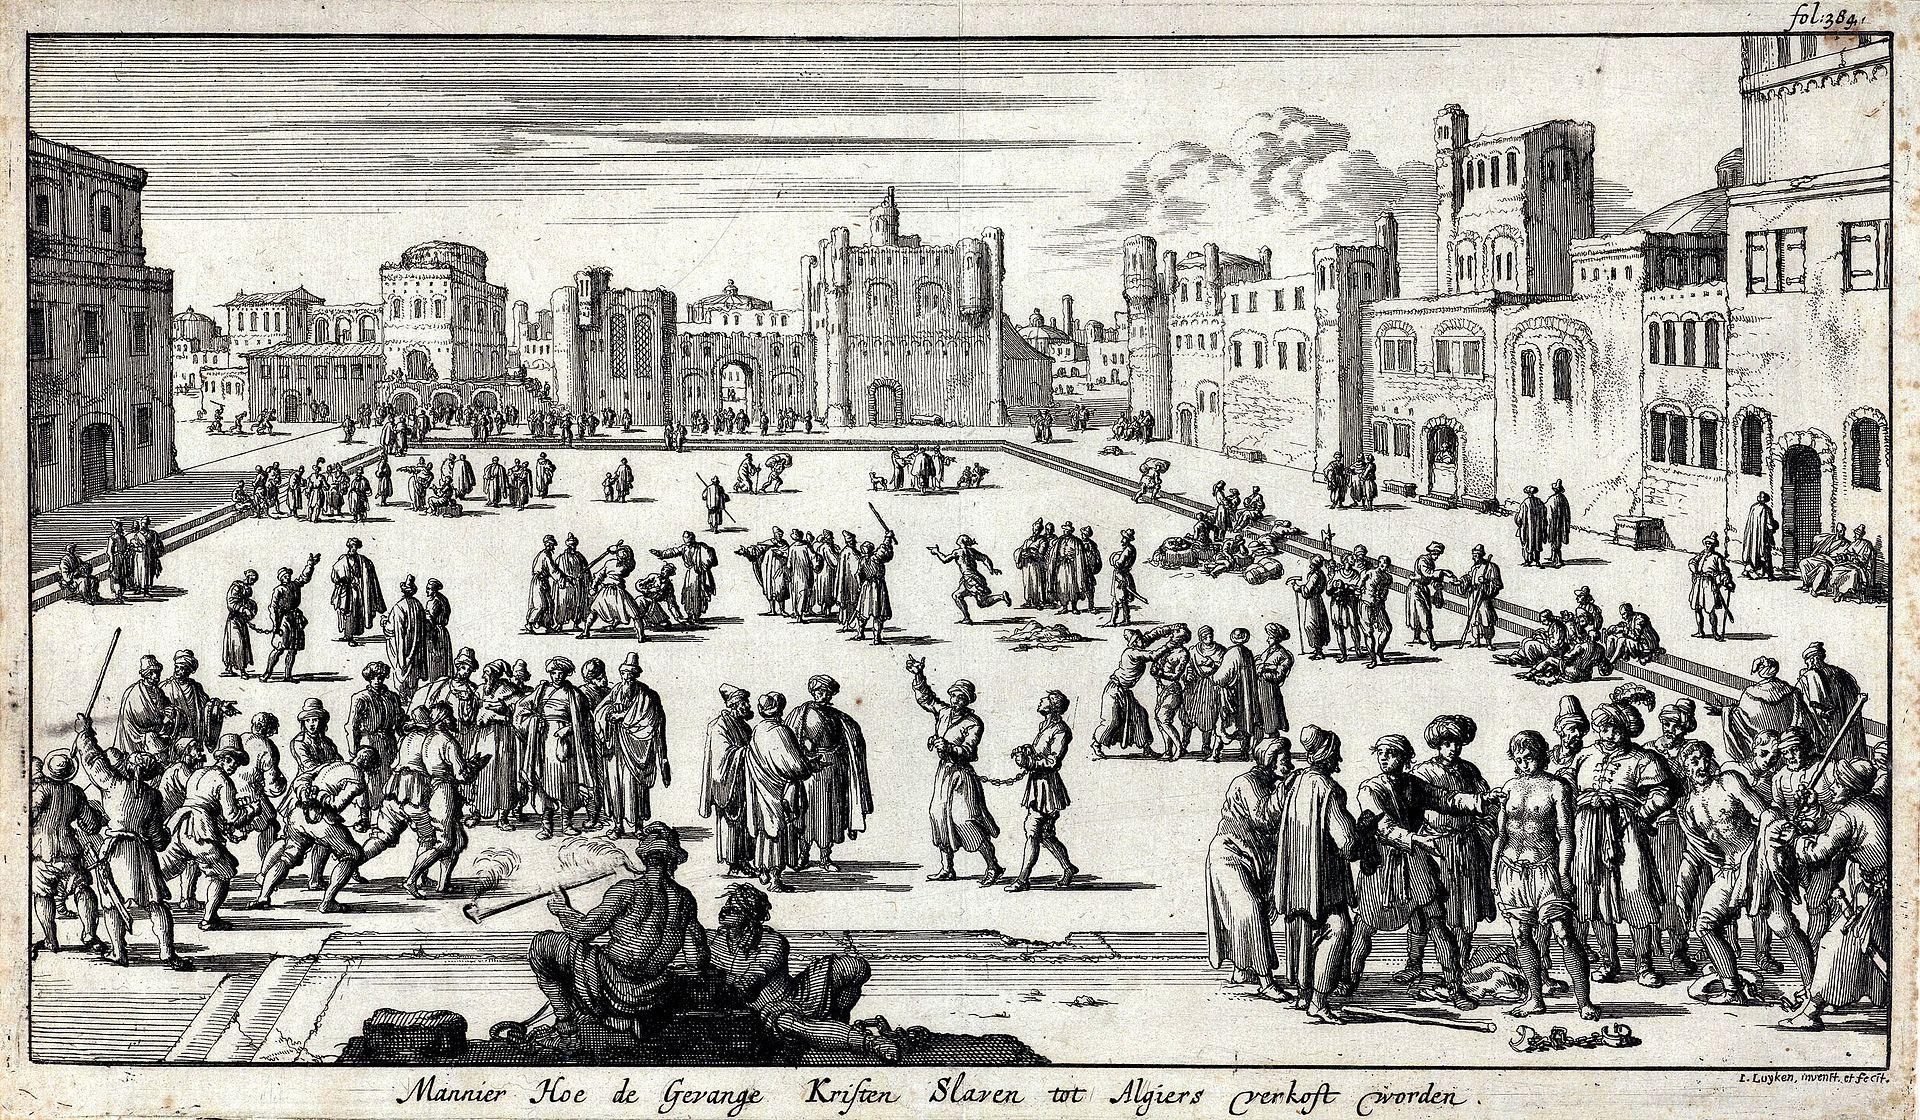 Manière dont les prisonniers chrétiens sont vendus comme esclaves au marché d'Alger (Gravure hollandaise, 1684)